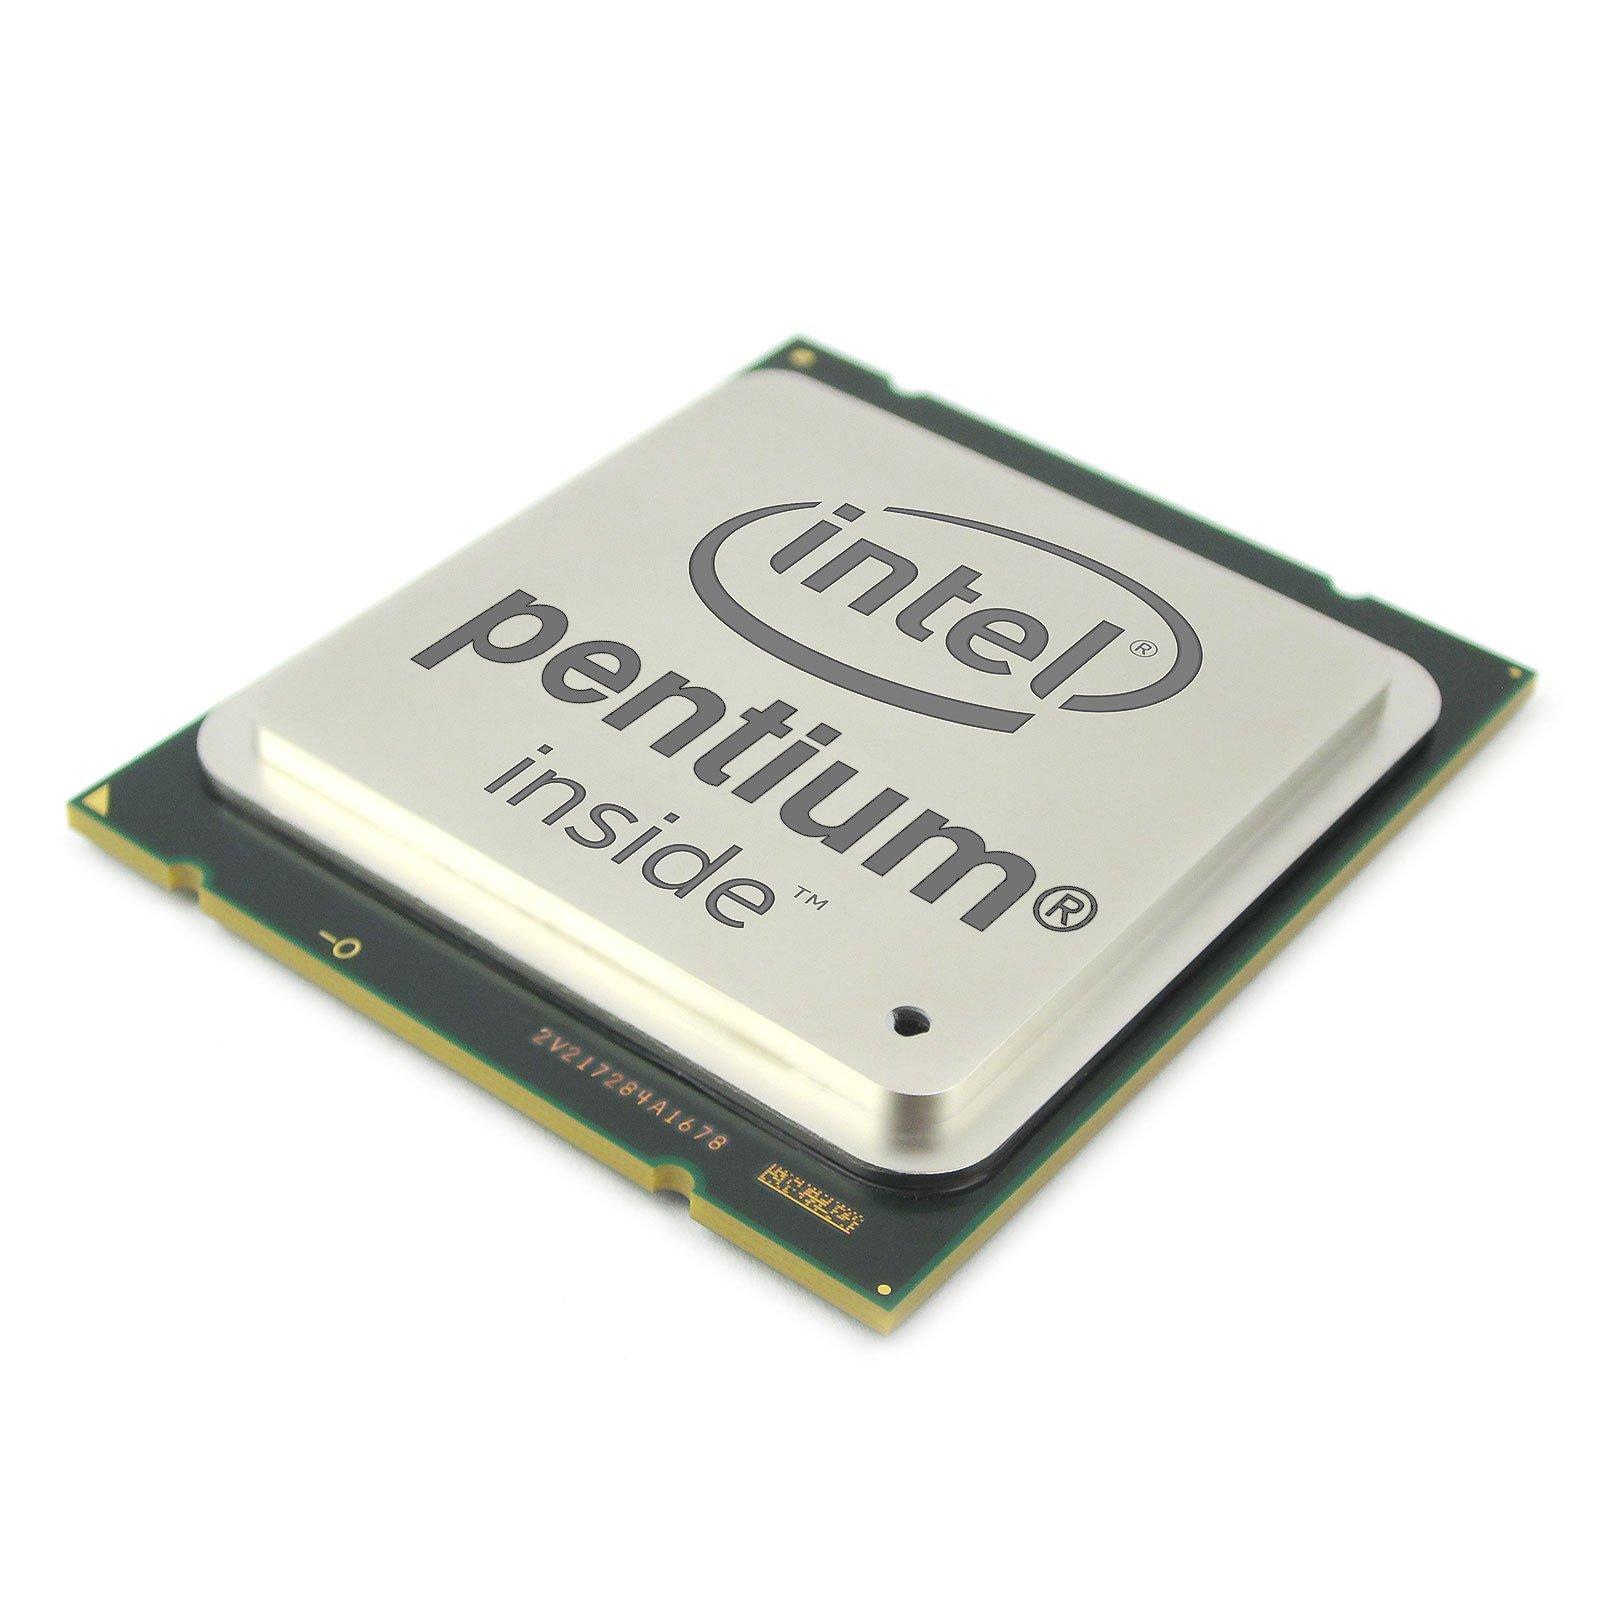 Intel Pentium E5400 Processor (2.70Ghz) (Certified Refurbished)